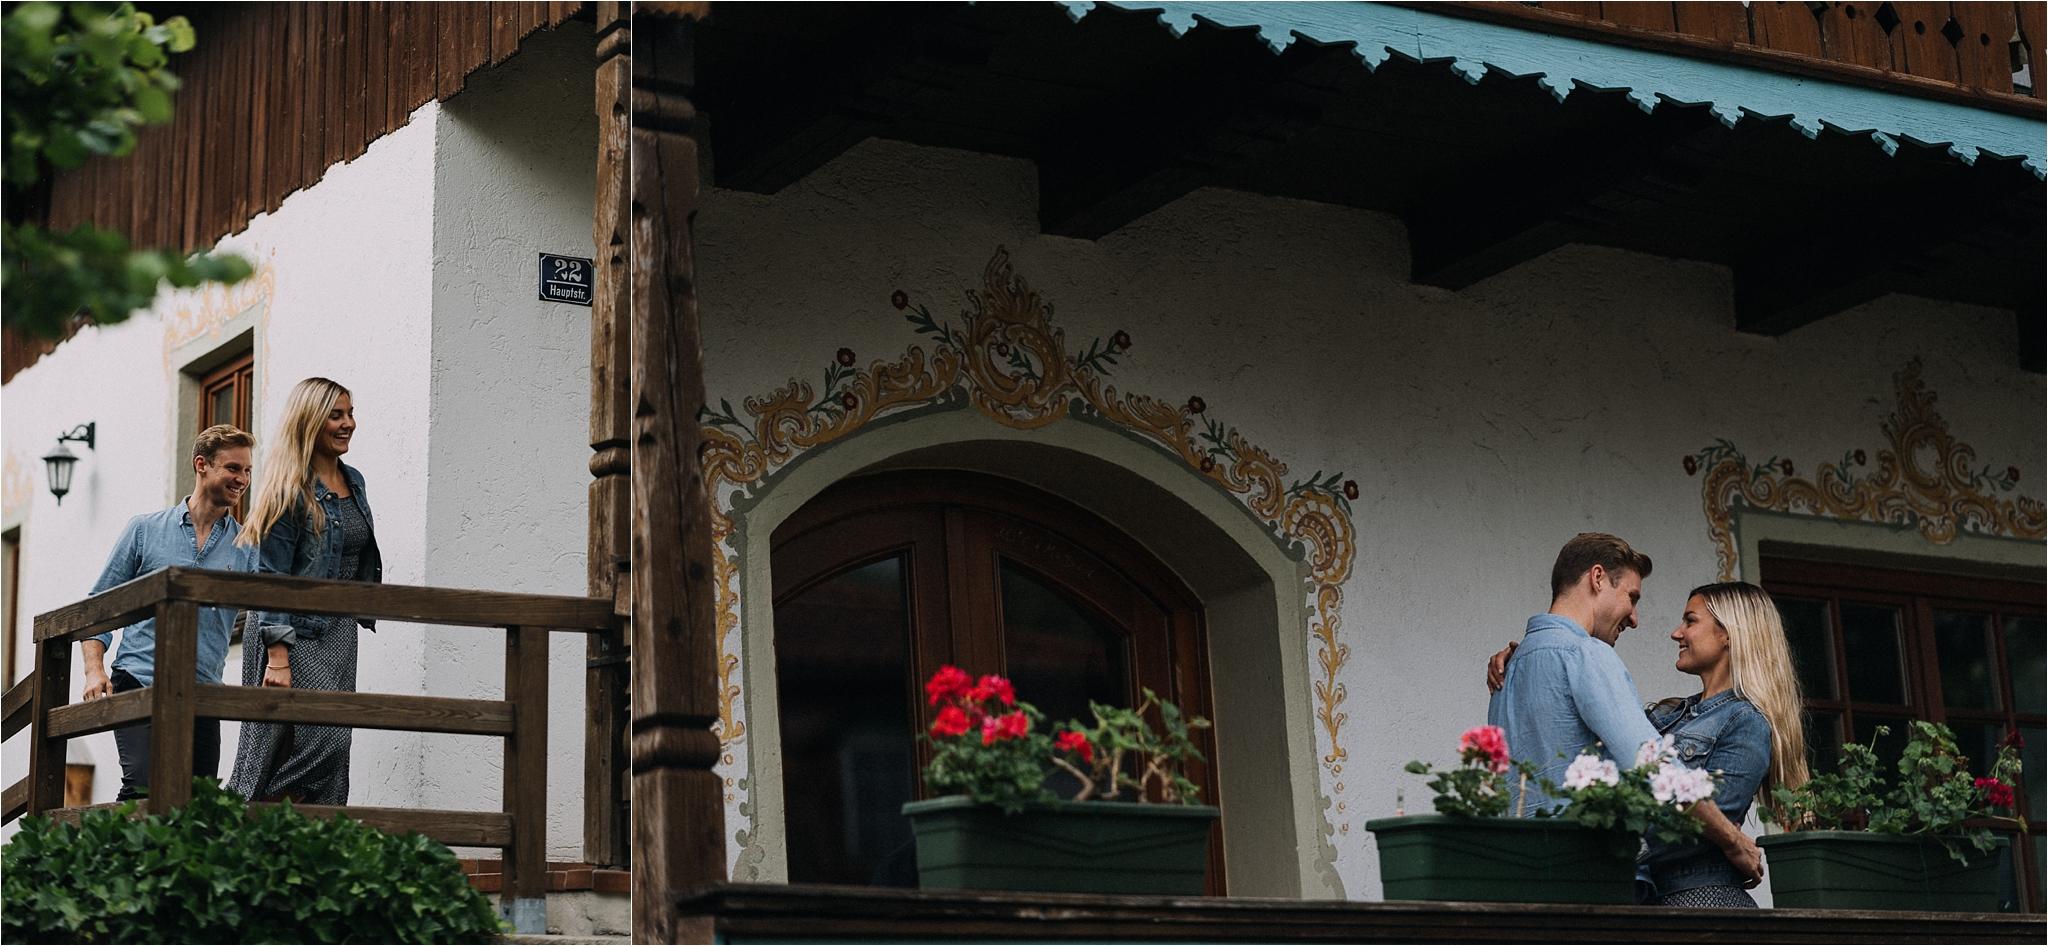 Beautiful Bavarian houses decor around Chiemsee